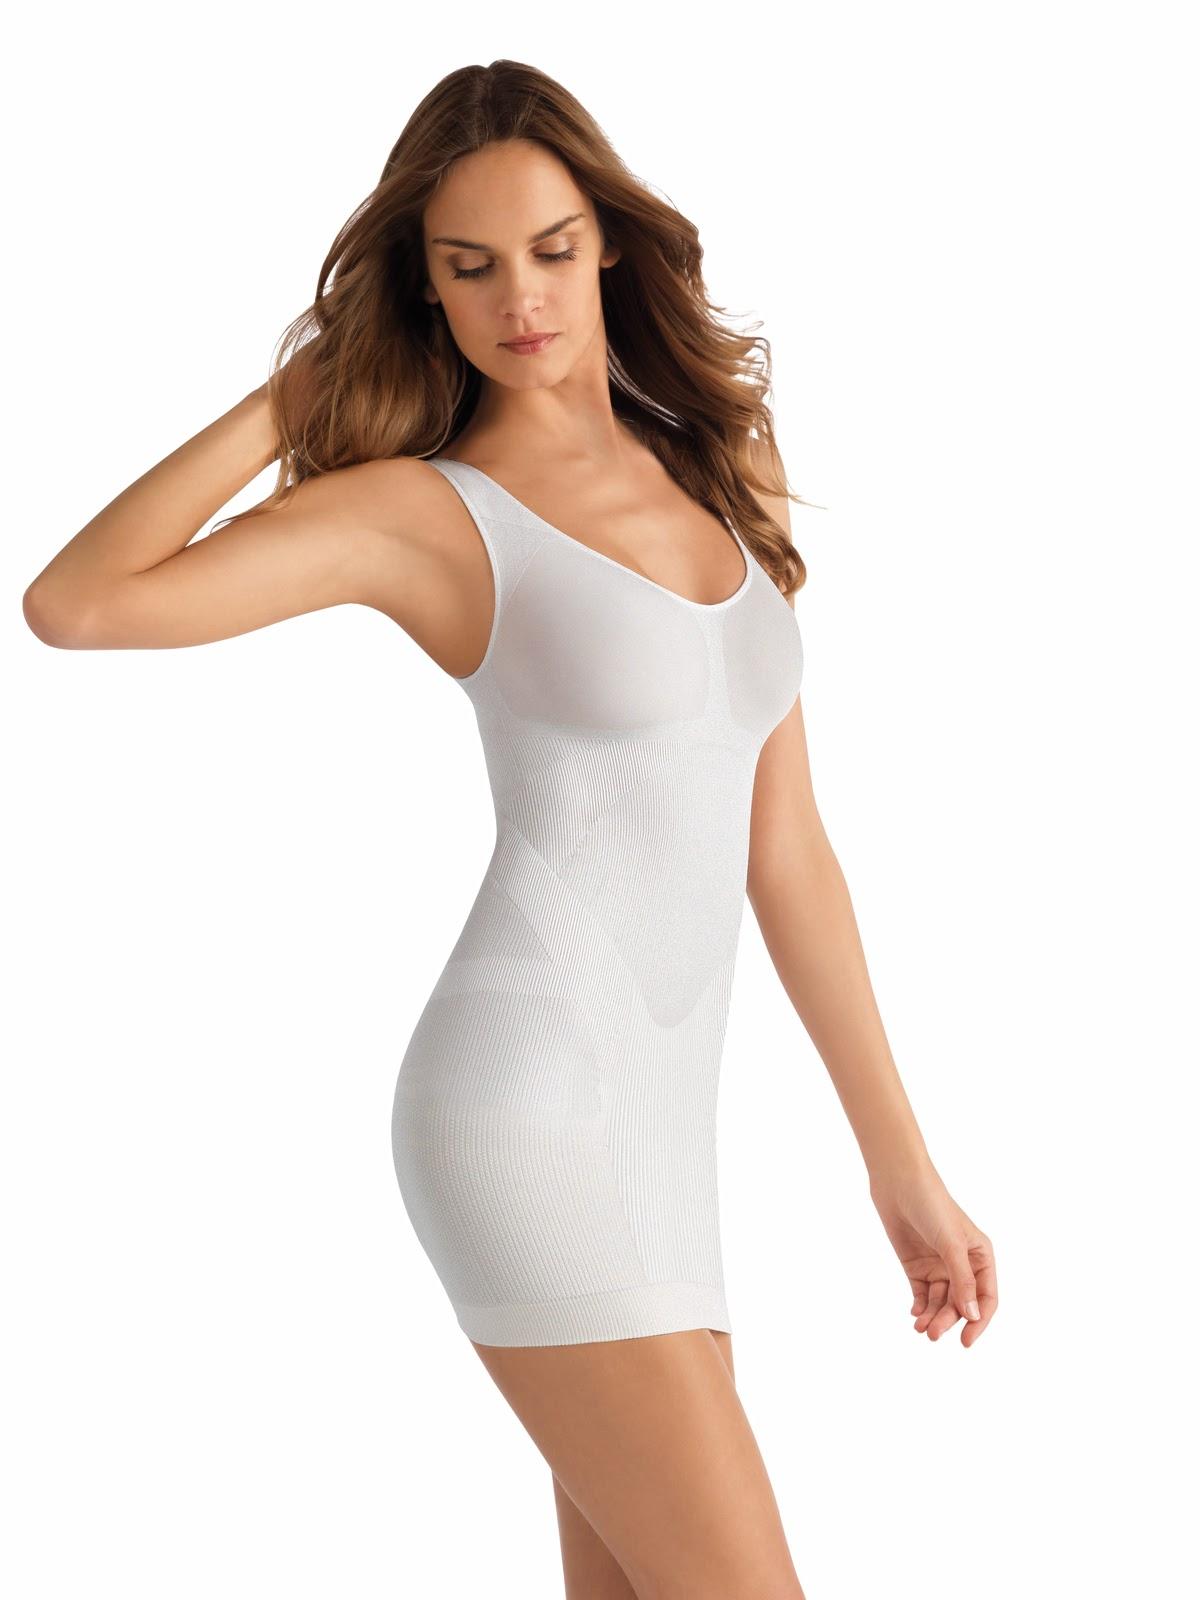 http://2.bp.blogspot.com/-AeRPJ8tY6z8/TwrCUND9MbI/AAAAAAAAATI/_azc9mQLm3M/s1600/shaper+dress_0008.jpg